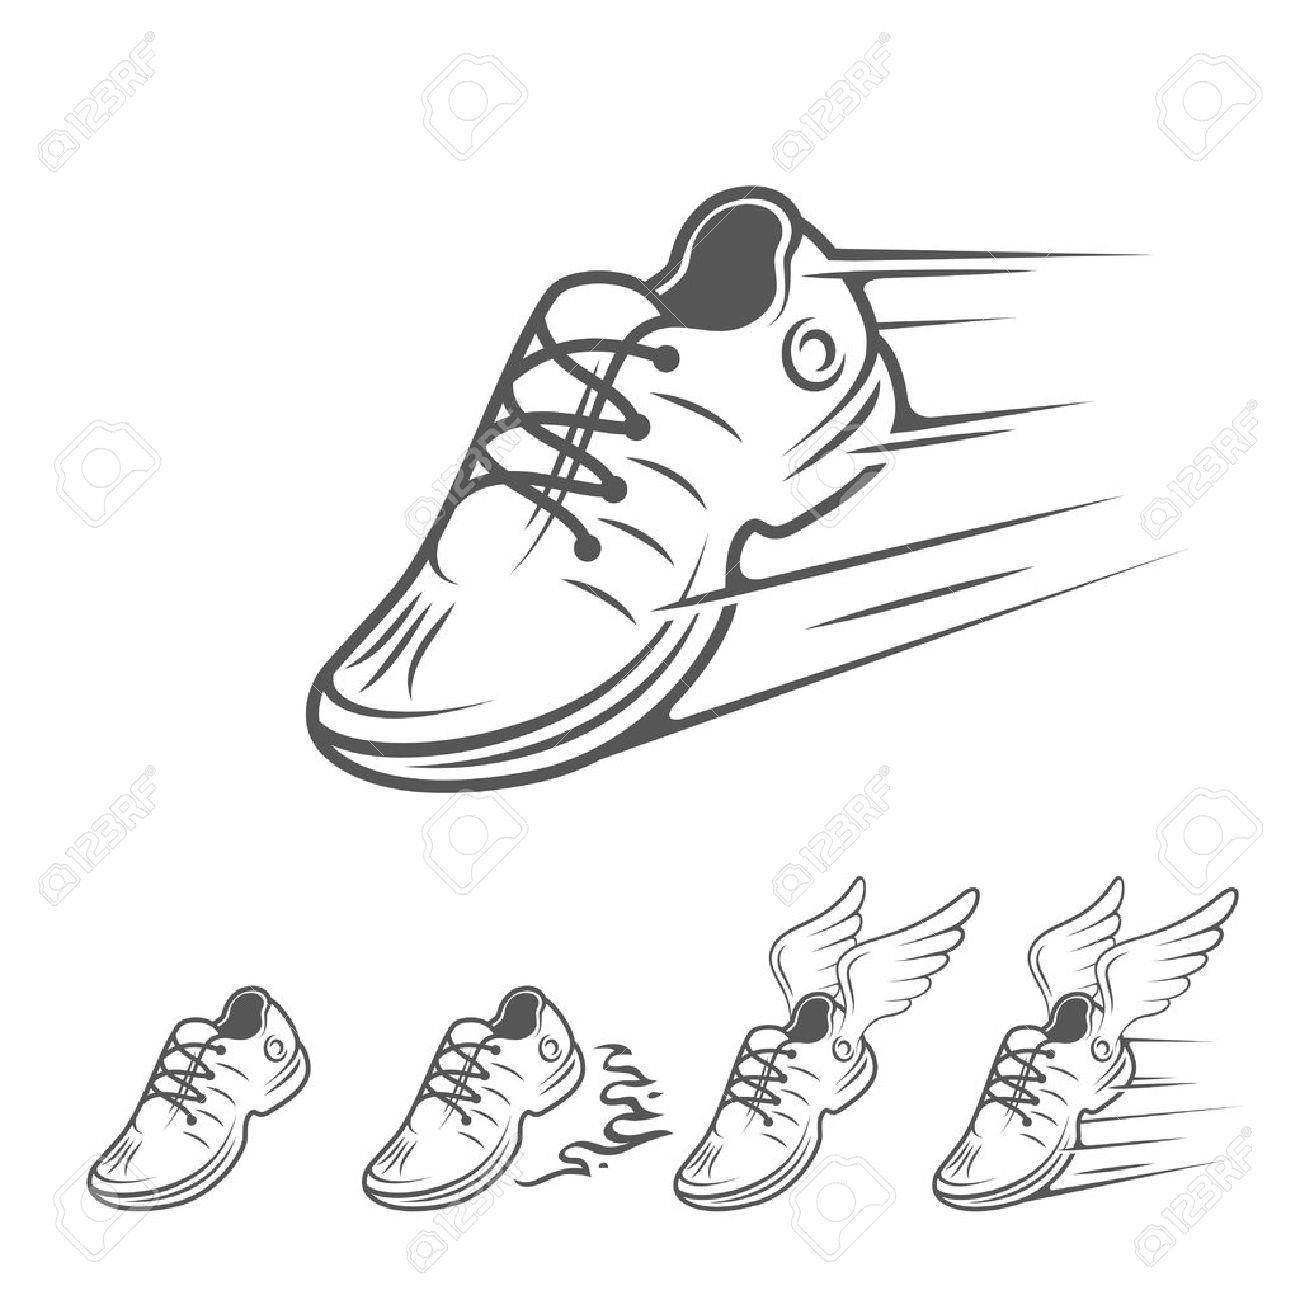 on sale e737b c0597 Eccesso di velocità in esecuzione icone di scarpe in cinque varianti con  una scarpa allenatore, sneaker o sportivo con velocità e movimento sentieri